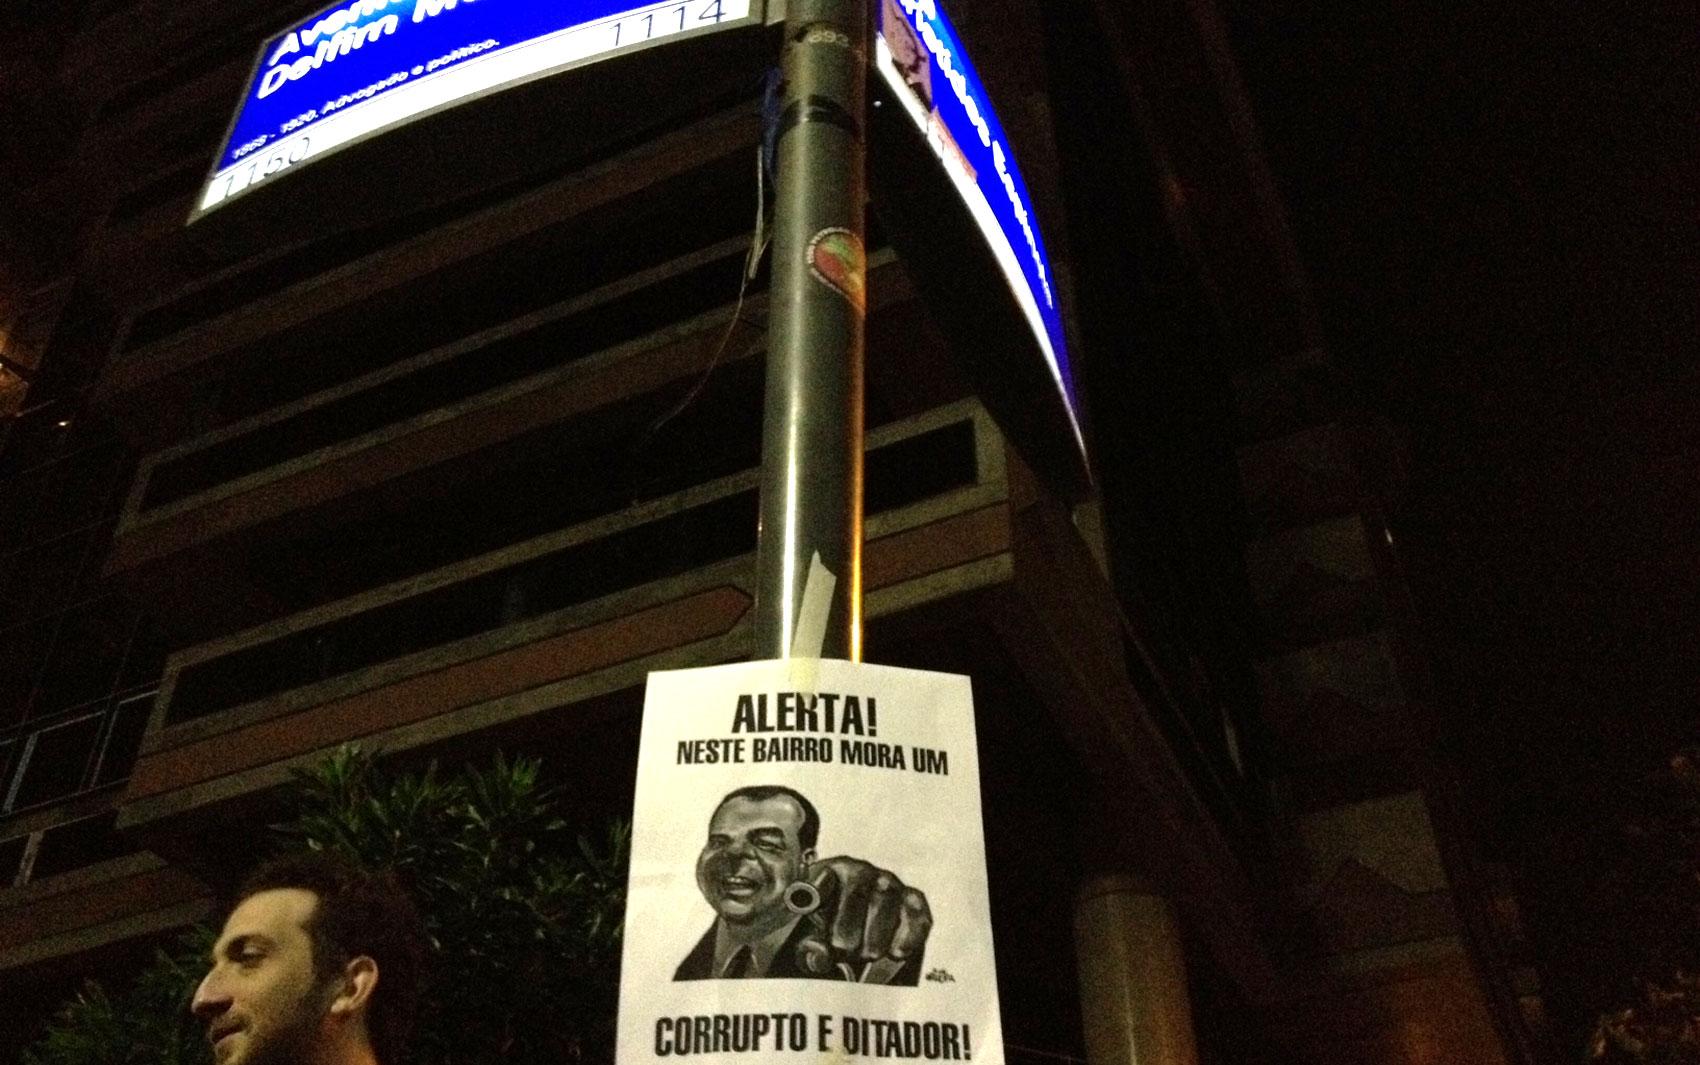 Cartazes fazem ironia com o governador do Rio, Sérgio Cabral